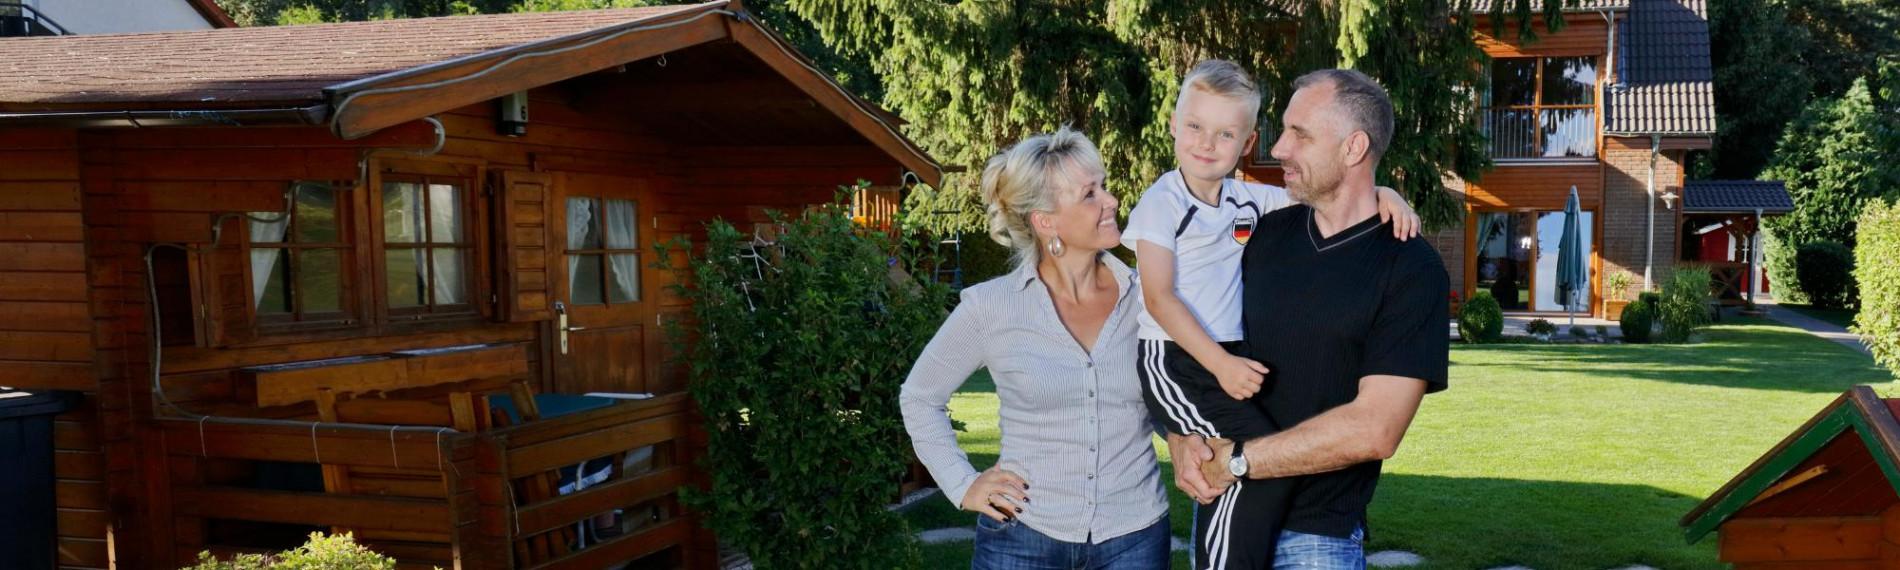 Mutter, Vater und Sohn im Garten vor dem Haus, zufriedenen sonnenBatterie Kunden